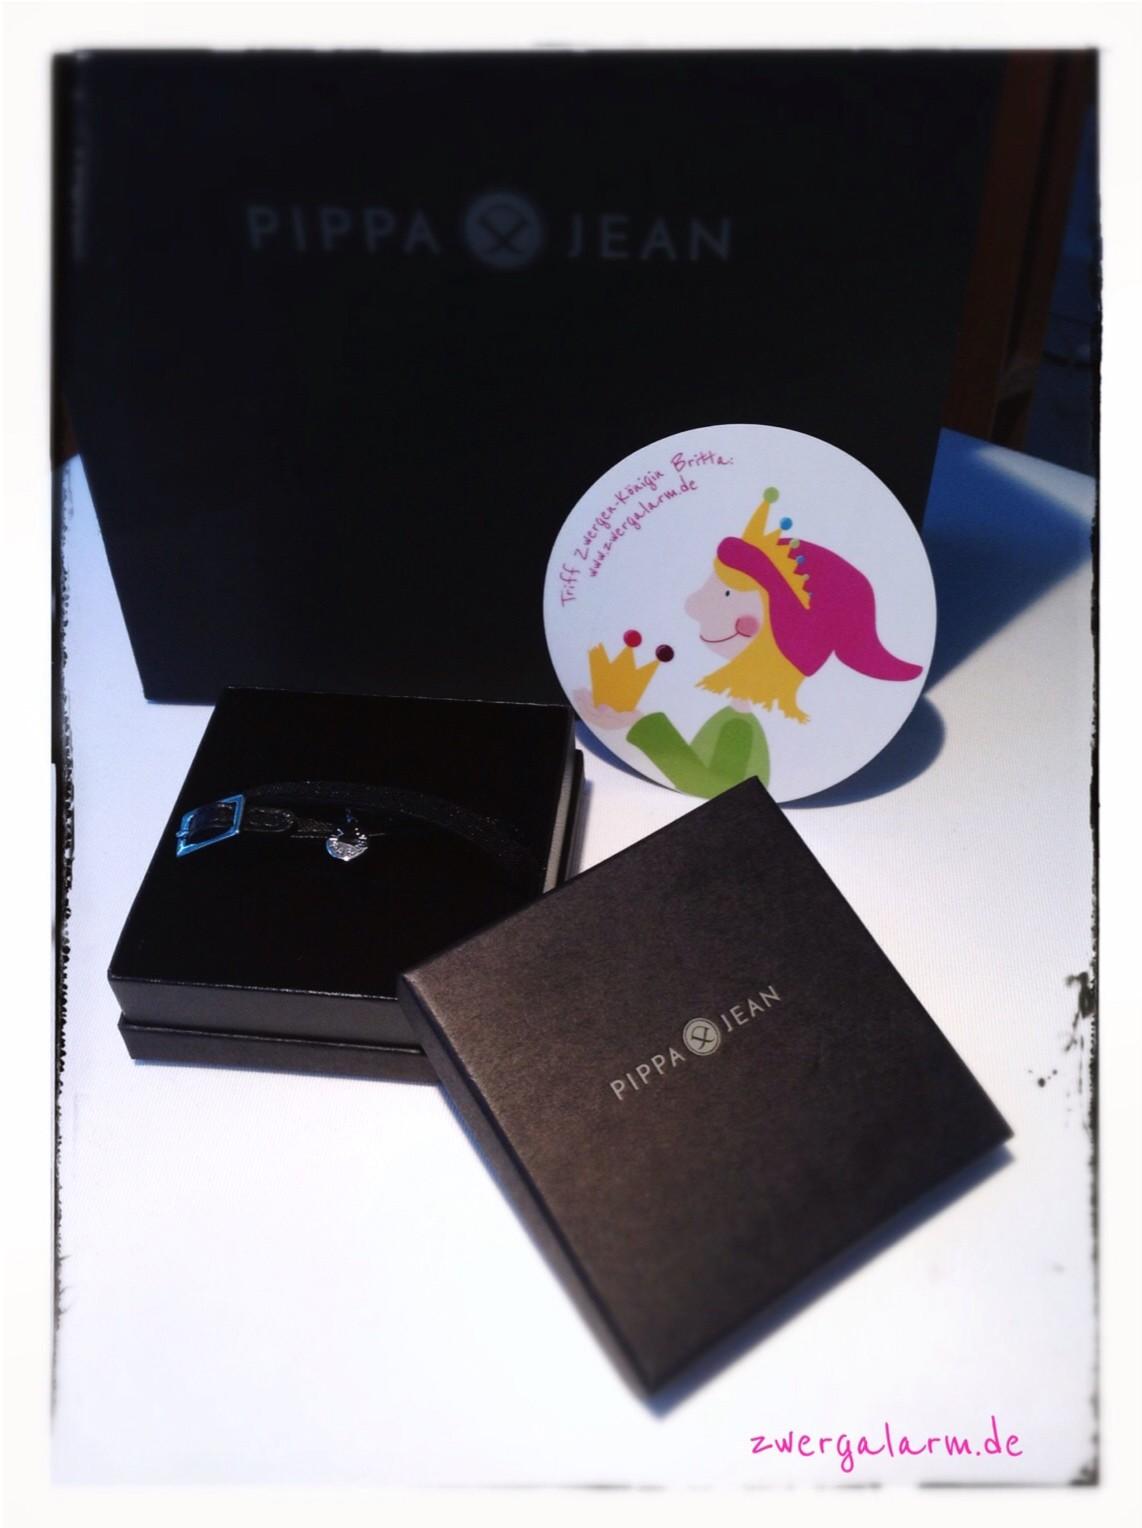 zwergalarm-Gewinnspiel-PippaJean